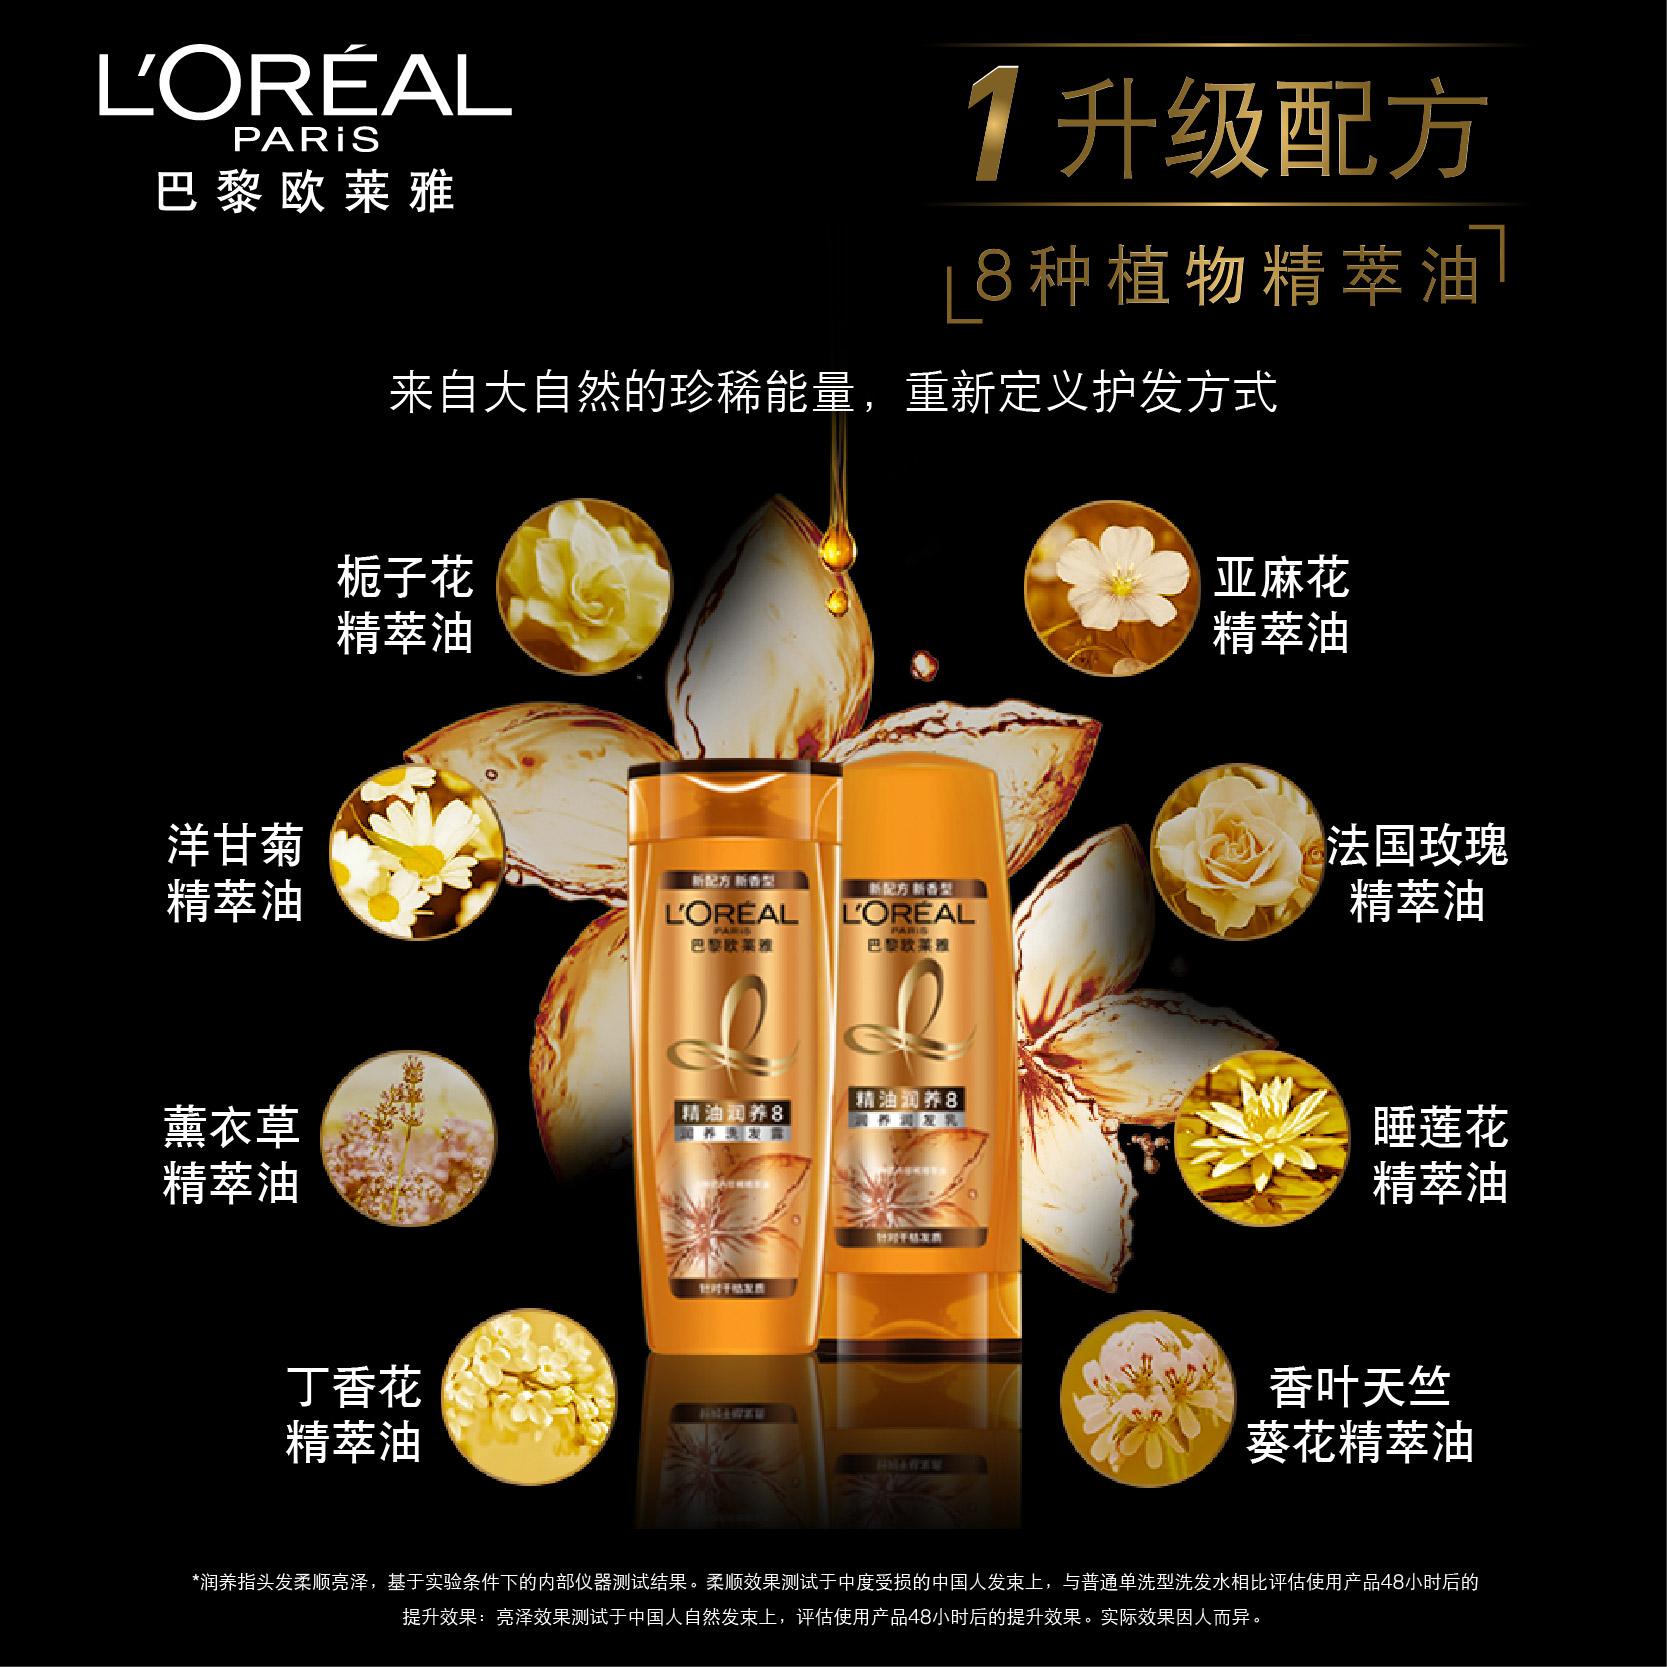 欧莱雅精油润养洗头发洗发水护发素洗护套装女1.4L 香味持久留香